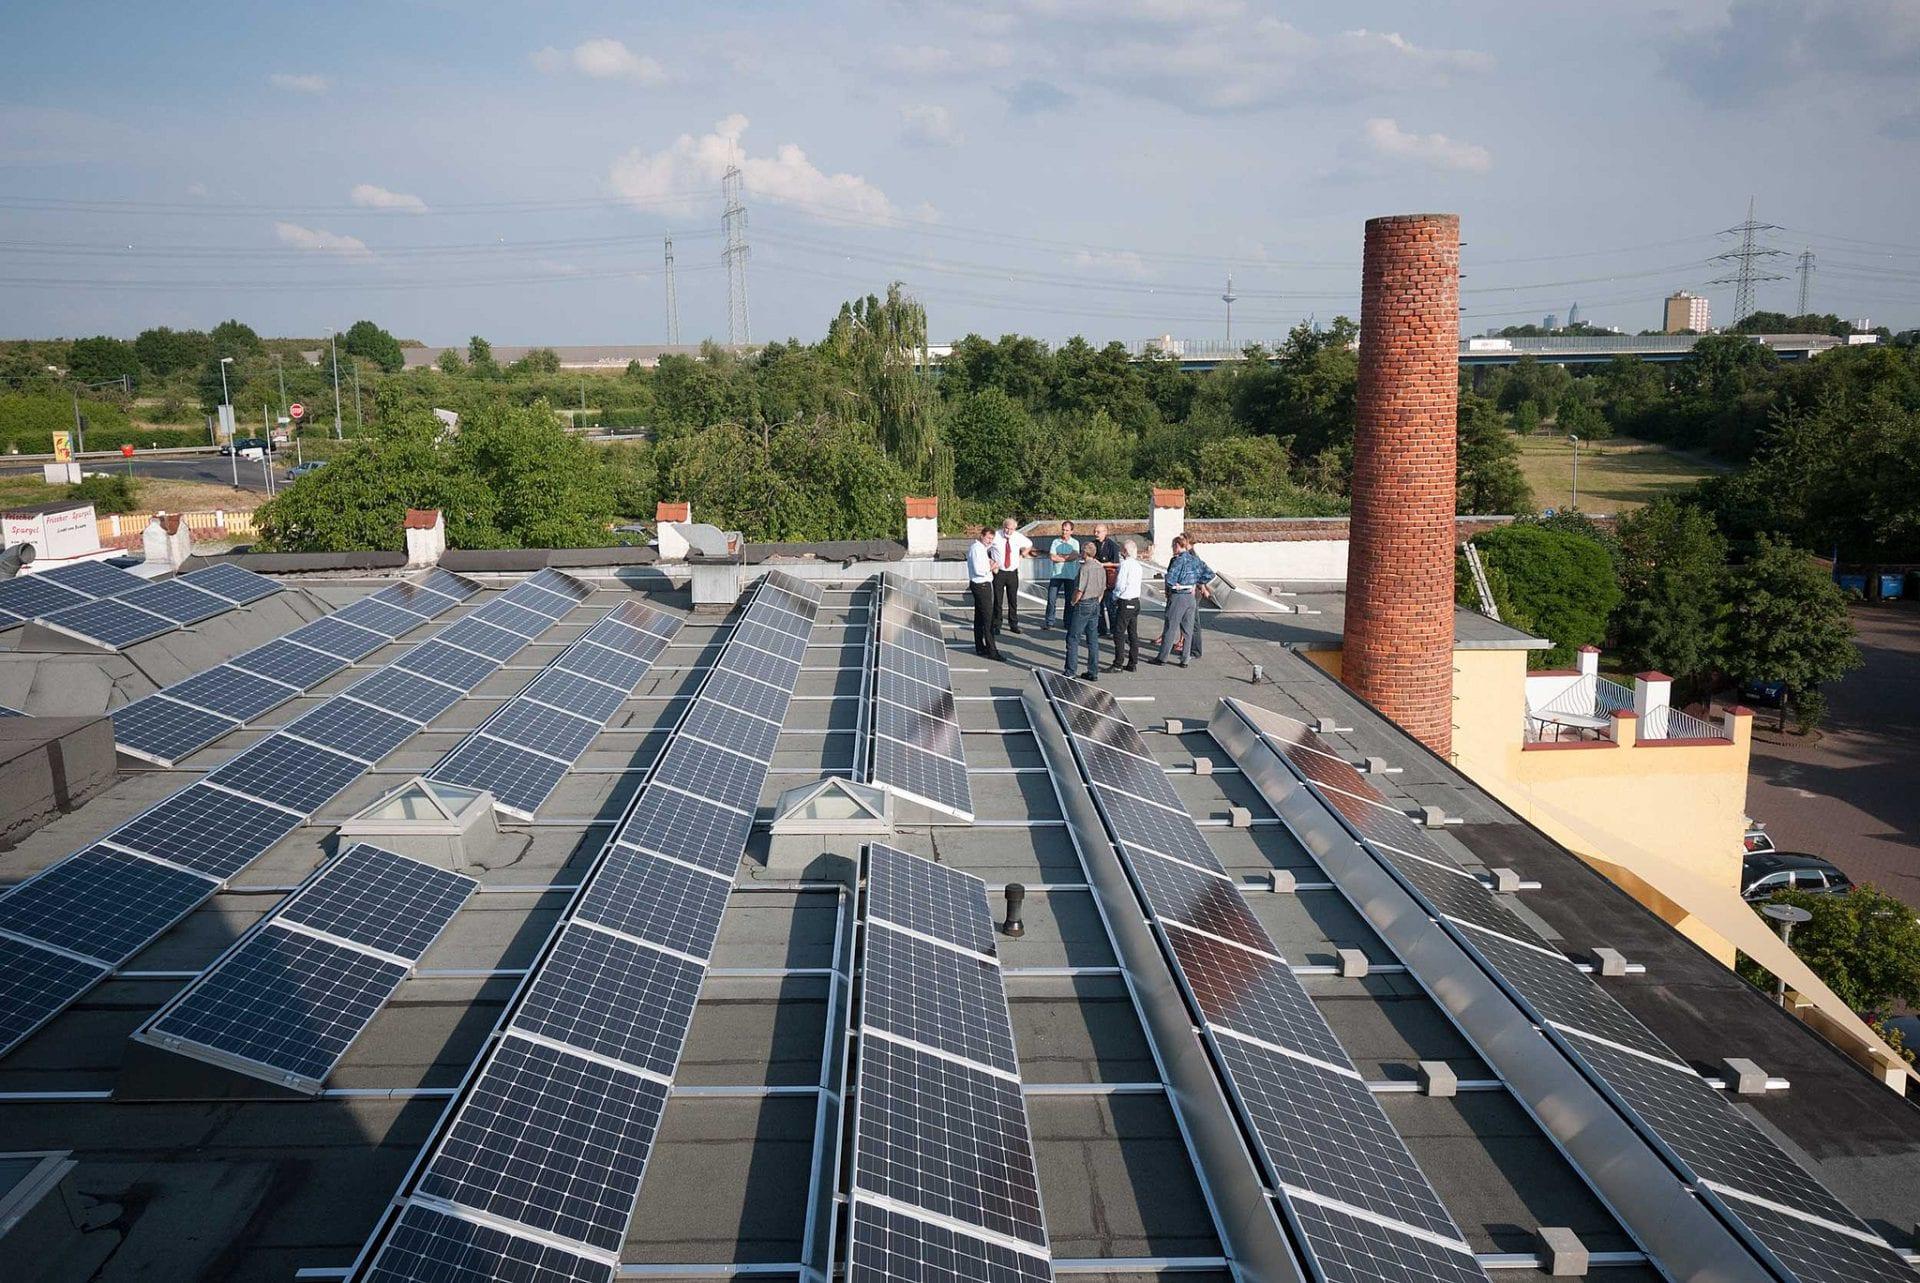 Elektrownia słoneczna na bloku lub kamienicy nie jest problemem. To łatwiejsze zadanie niż duże przemysłowa instalacja fotowoltaiczna, a i z takimi firmy takie jak LMV Group radzą sobie bez kłopotów.